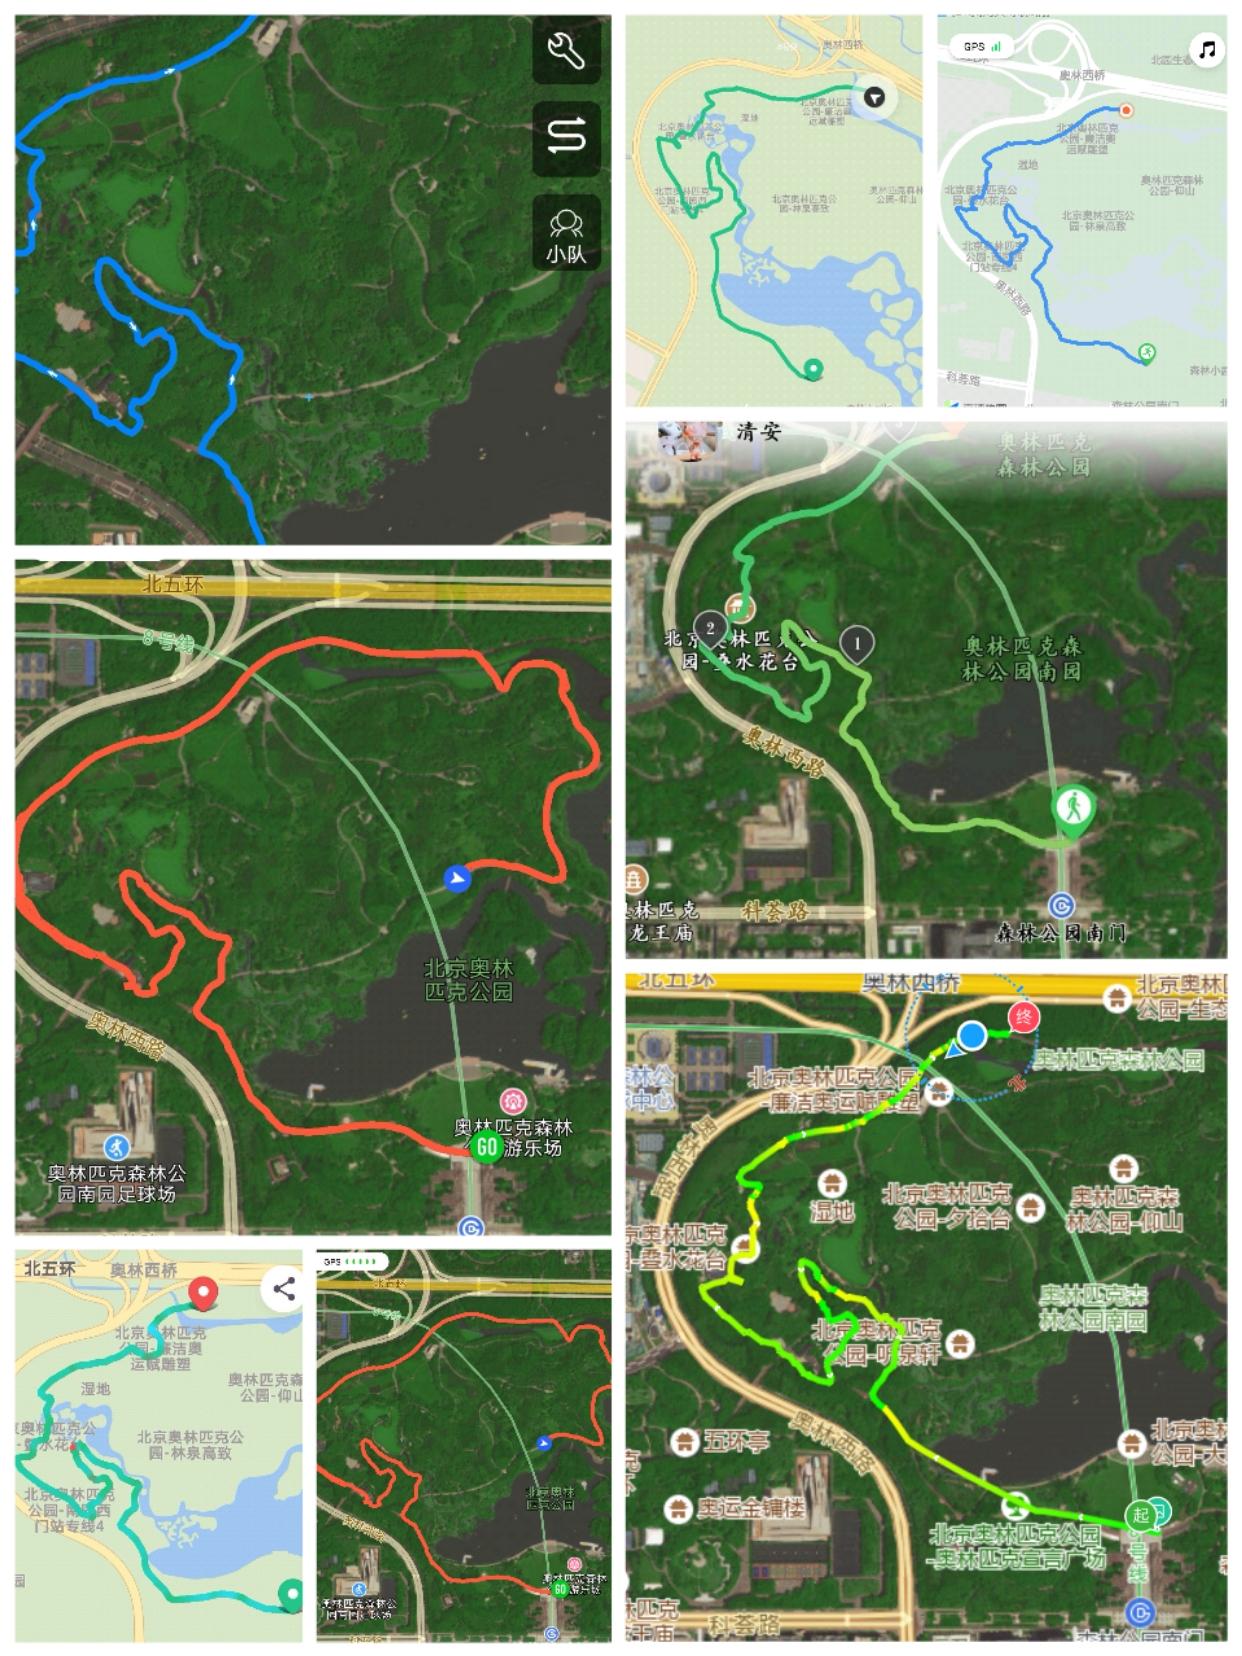 健步走模擬長征路線圖.jpg